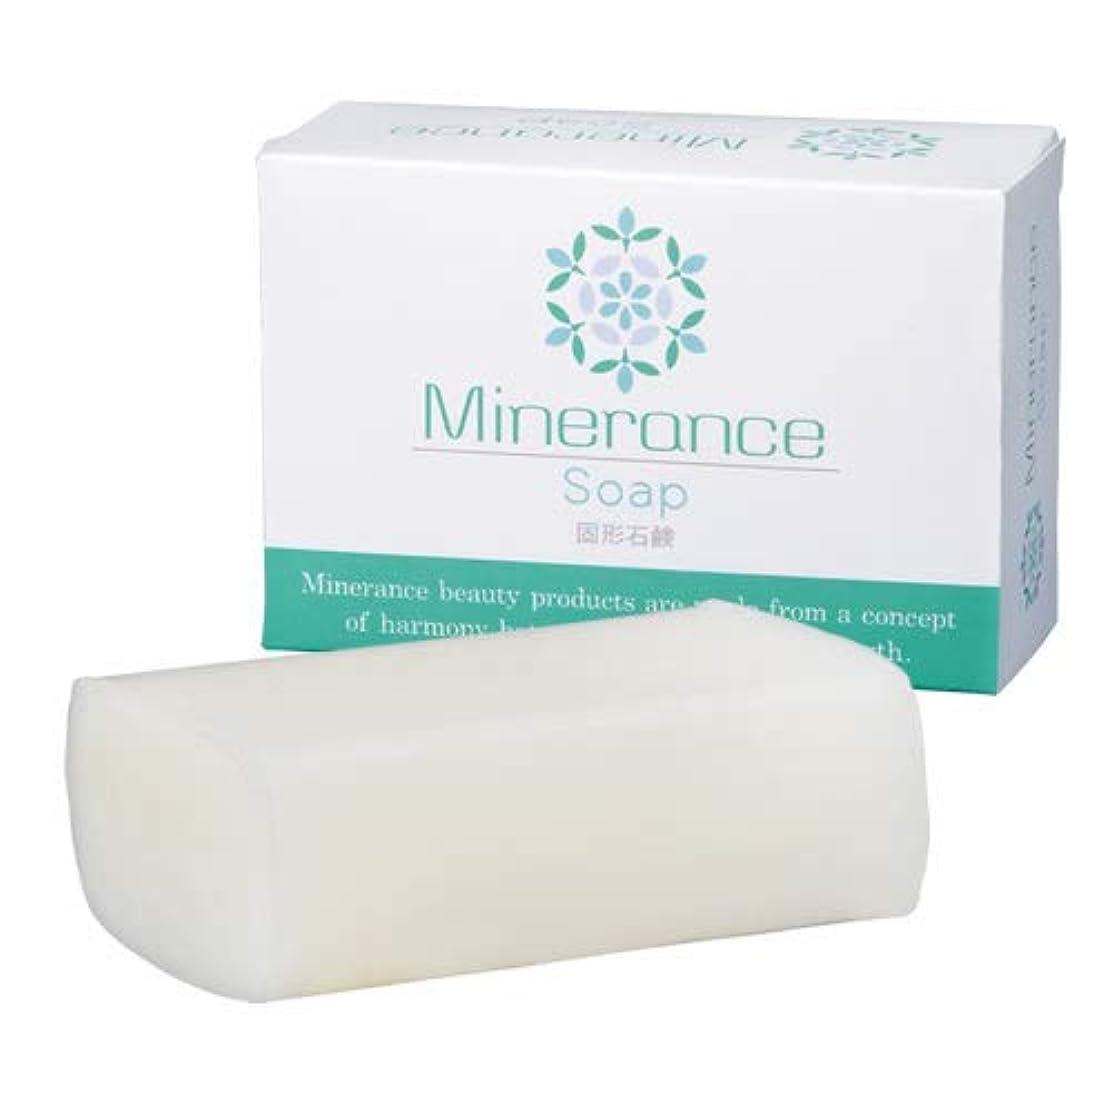 コーンバージン大いにミネランス ソープ 固形 石鹸 90g